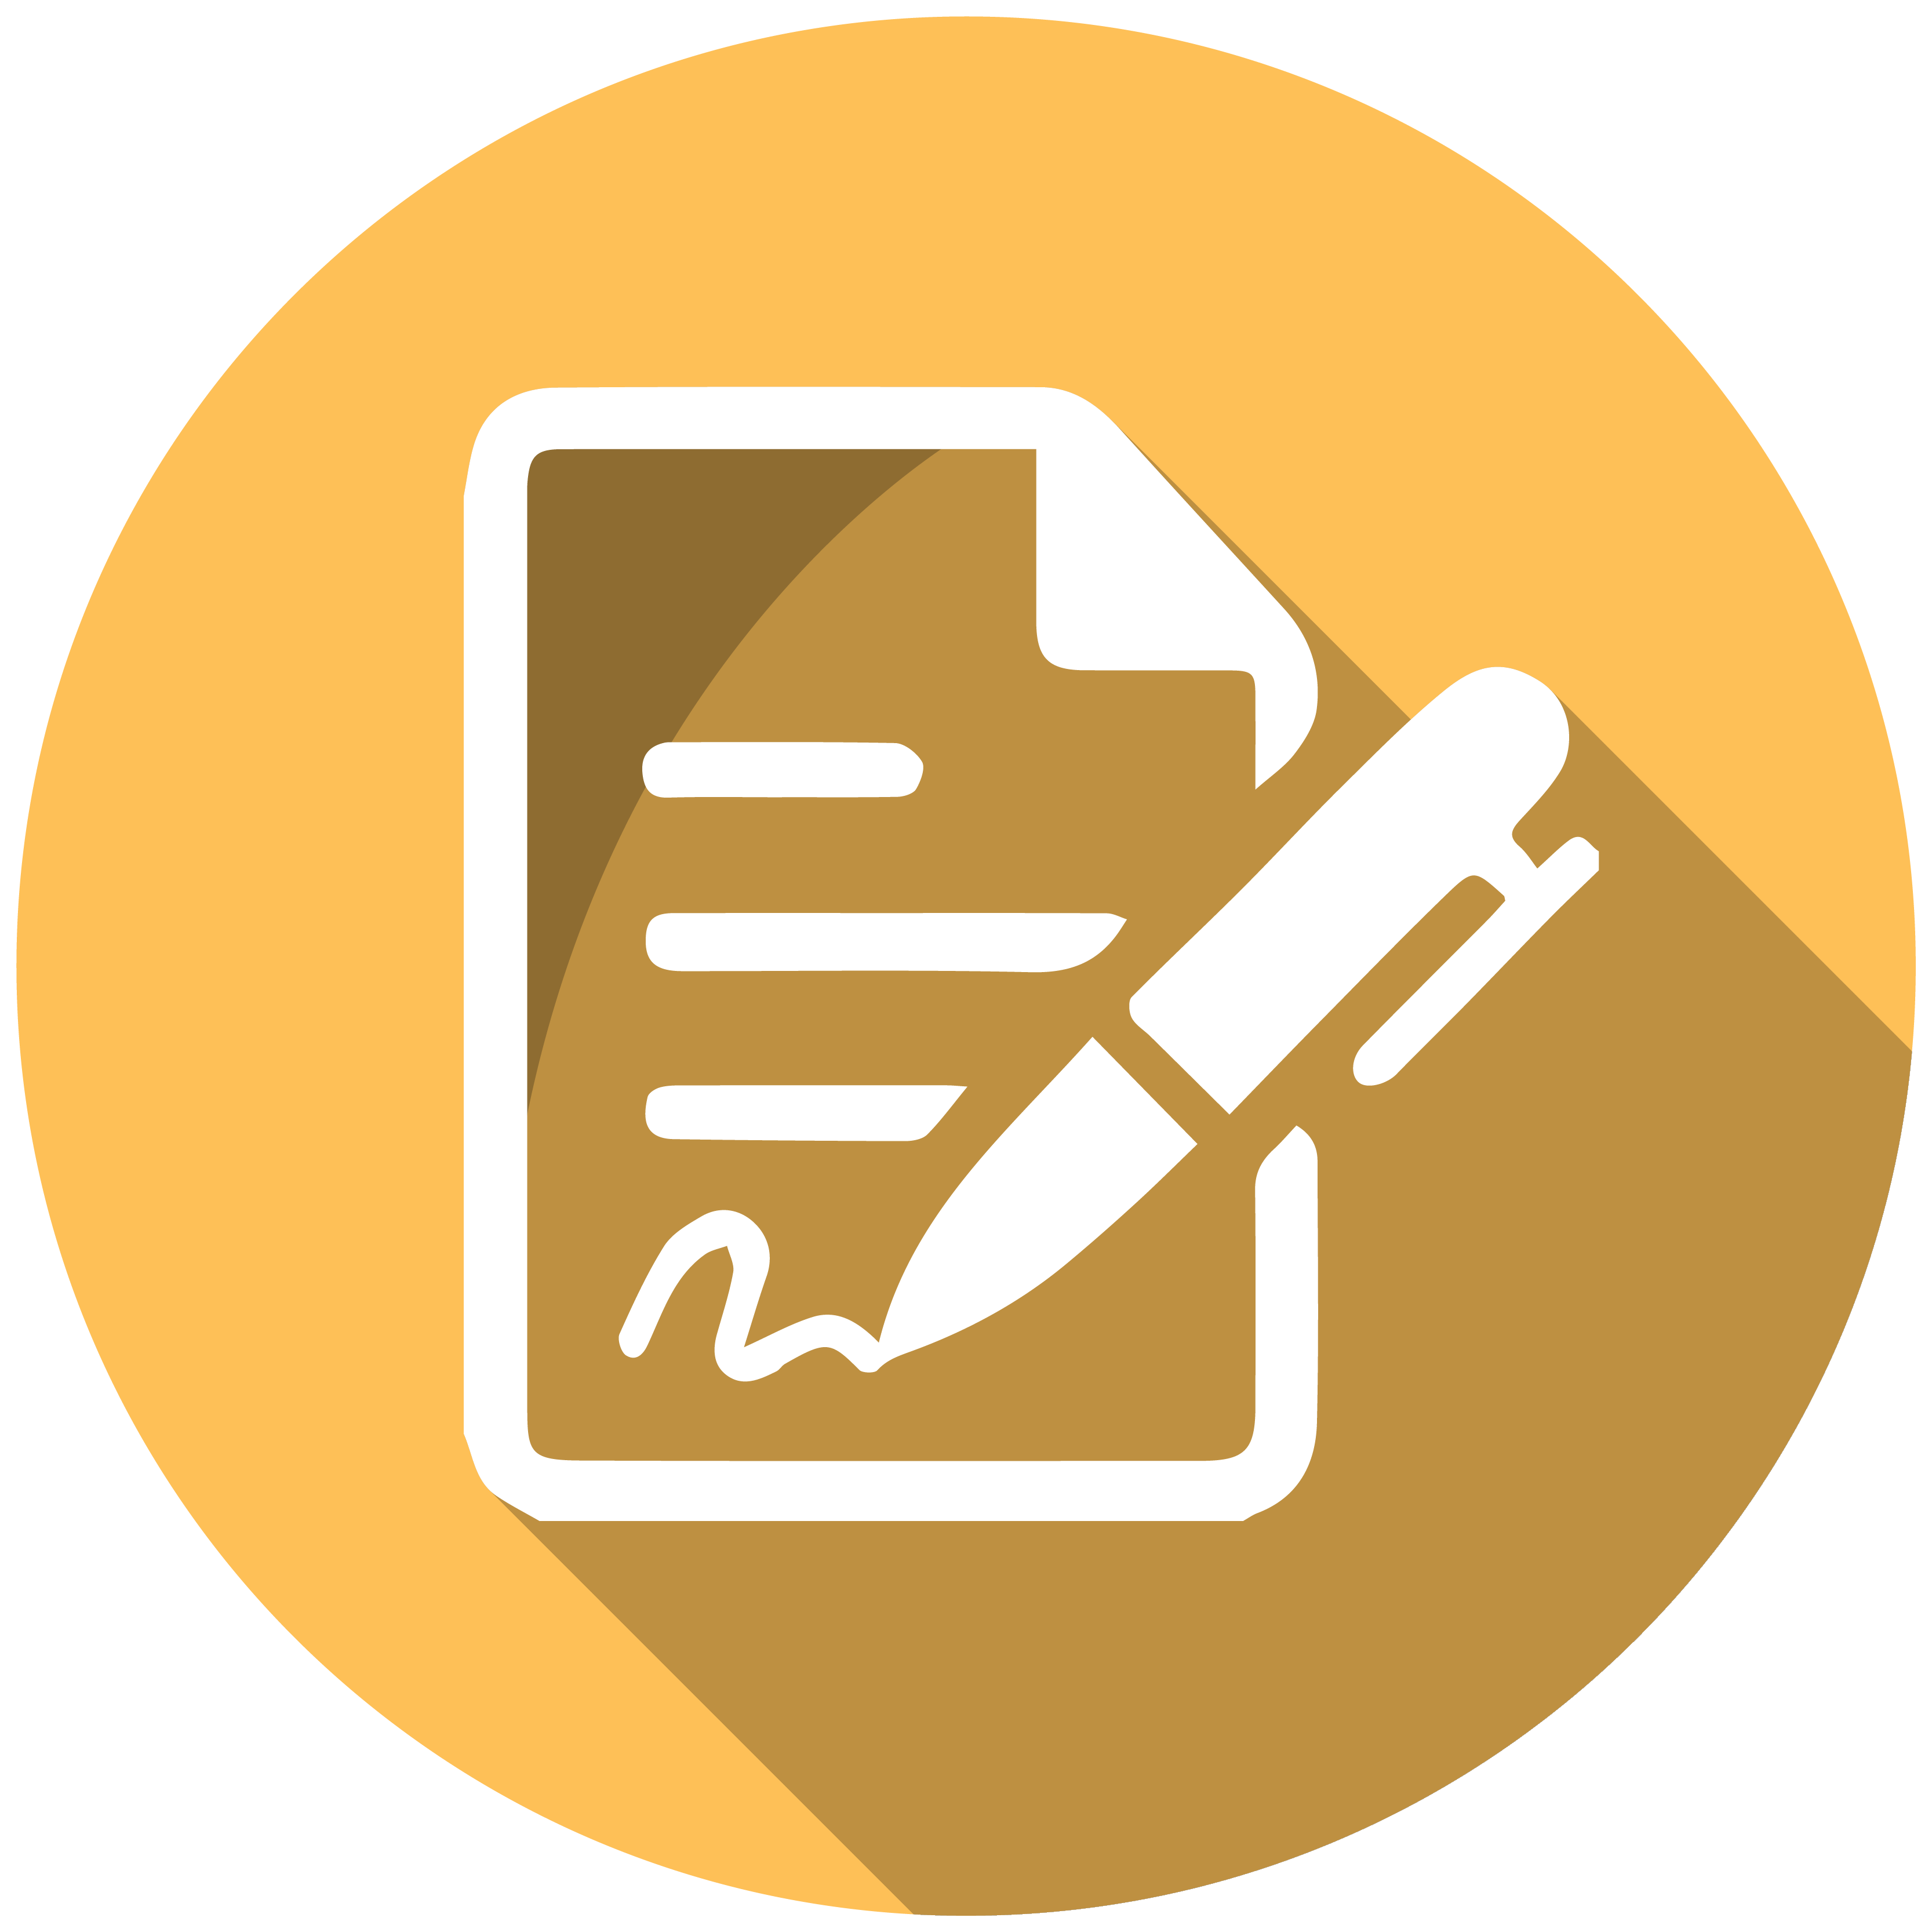 دانلود فایل کامل تحقیق بررسی مدیریت مشارکتی